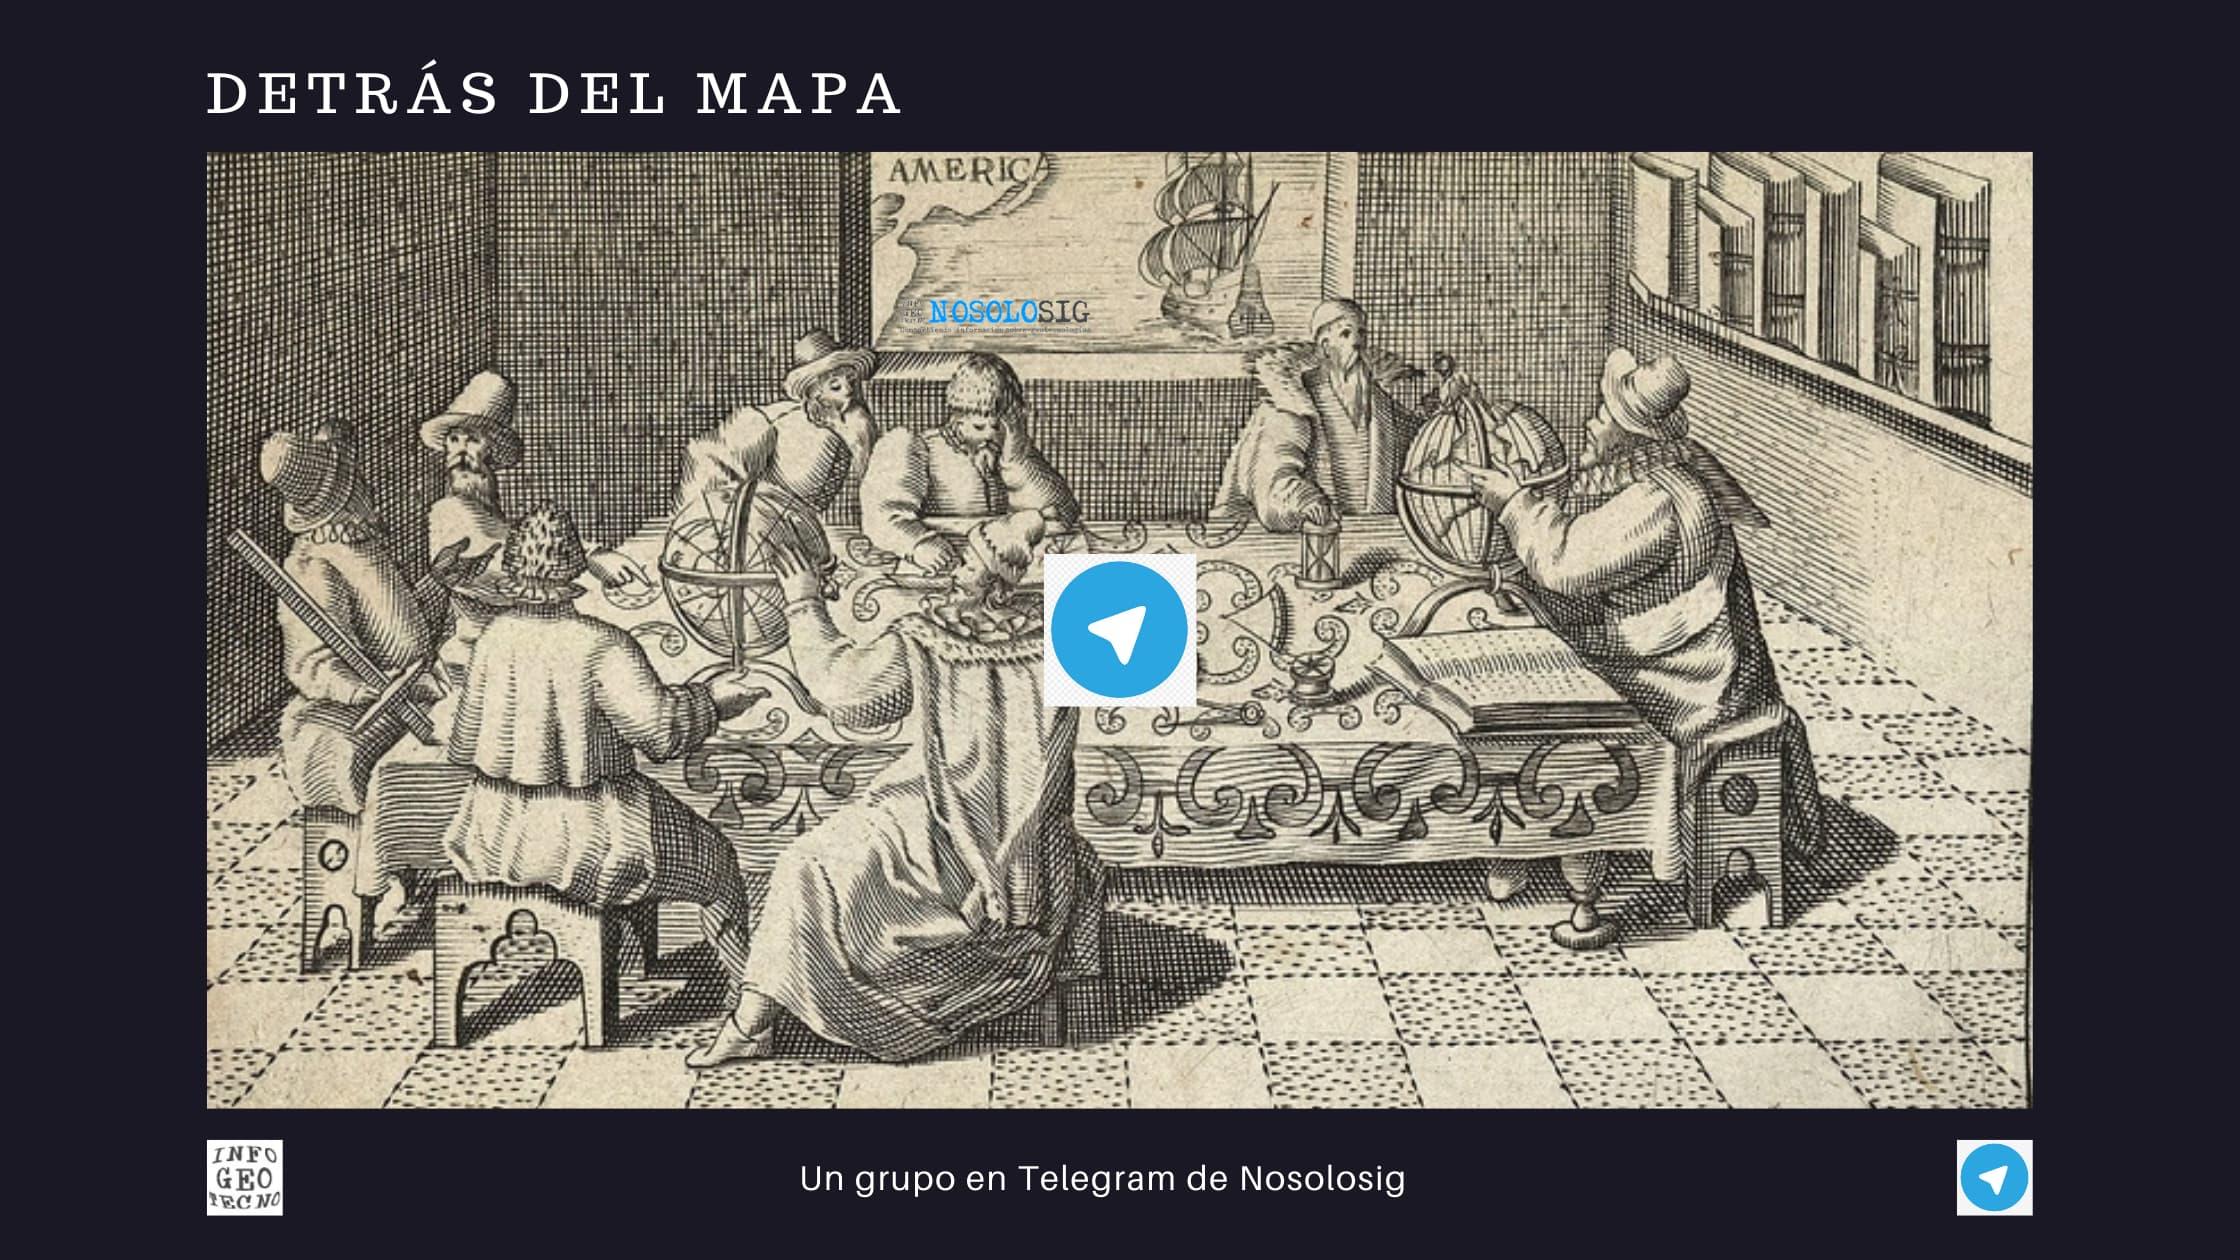 detras_del_mapa-nosolosig-en-telegram